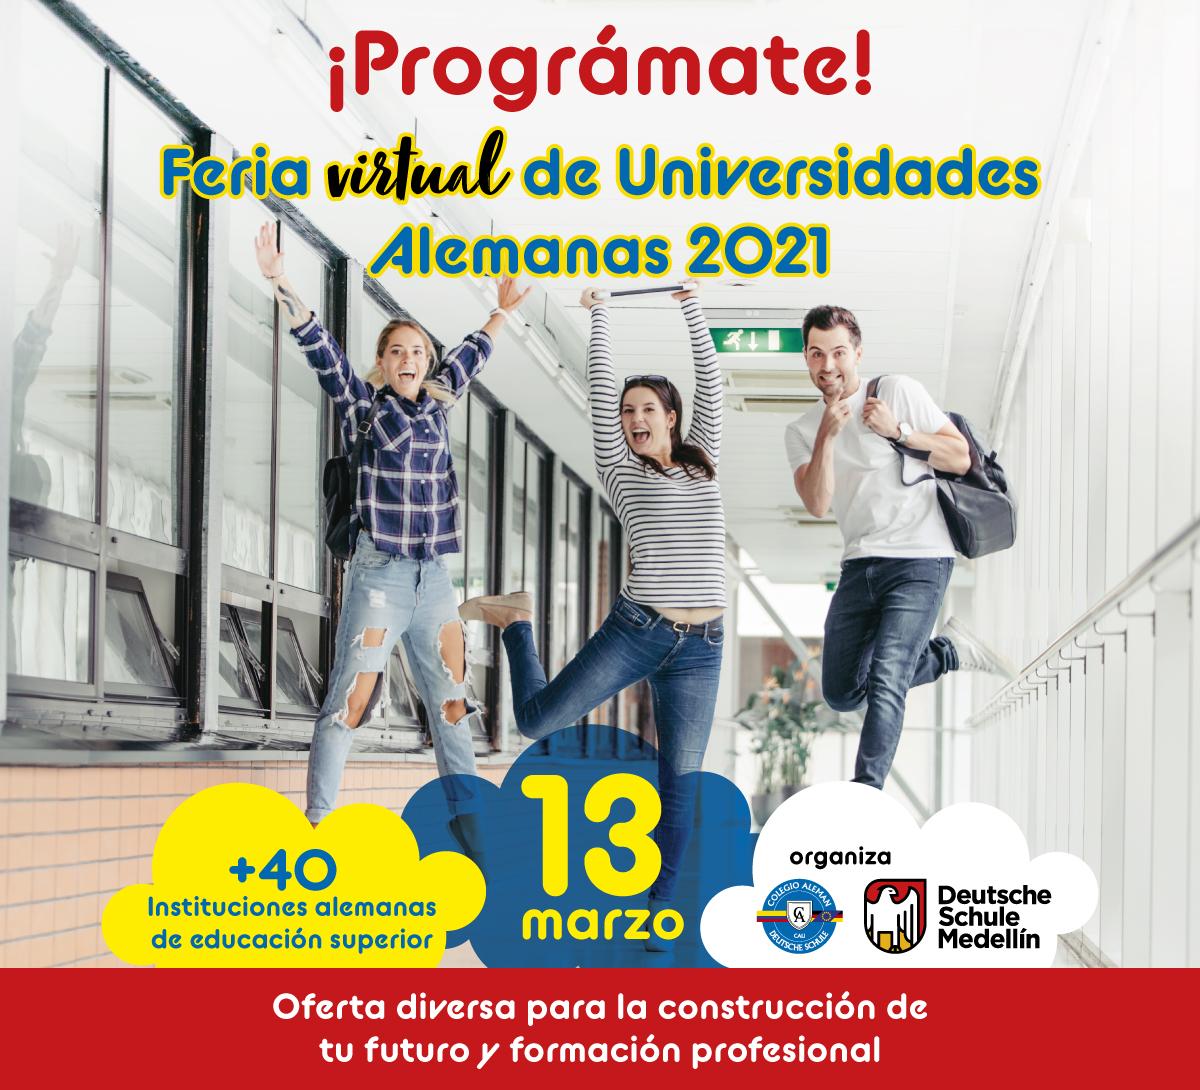 Feria de Universidades Alemanas 2021